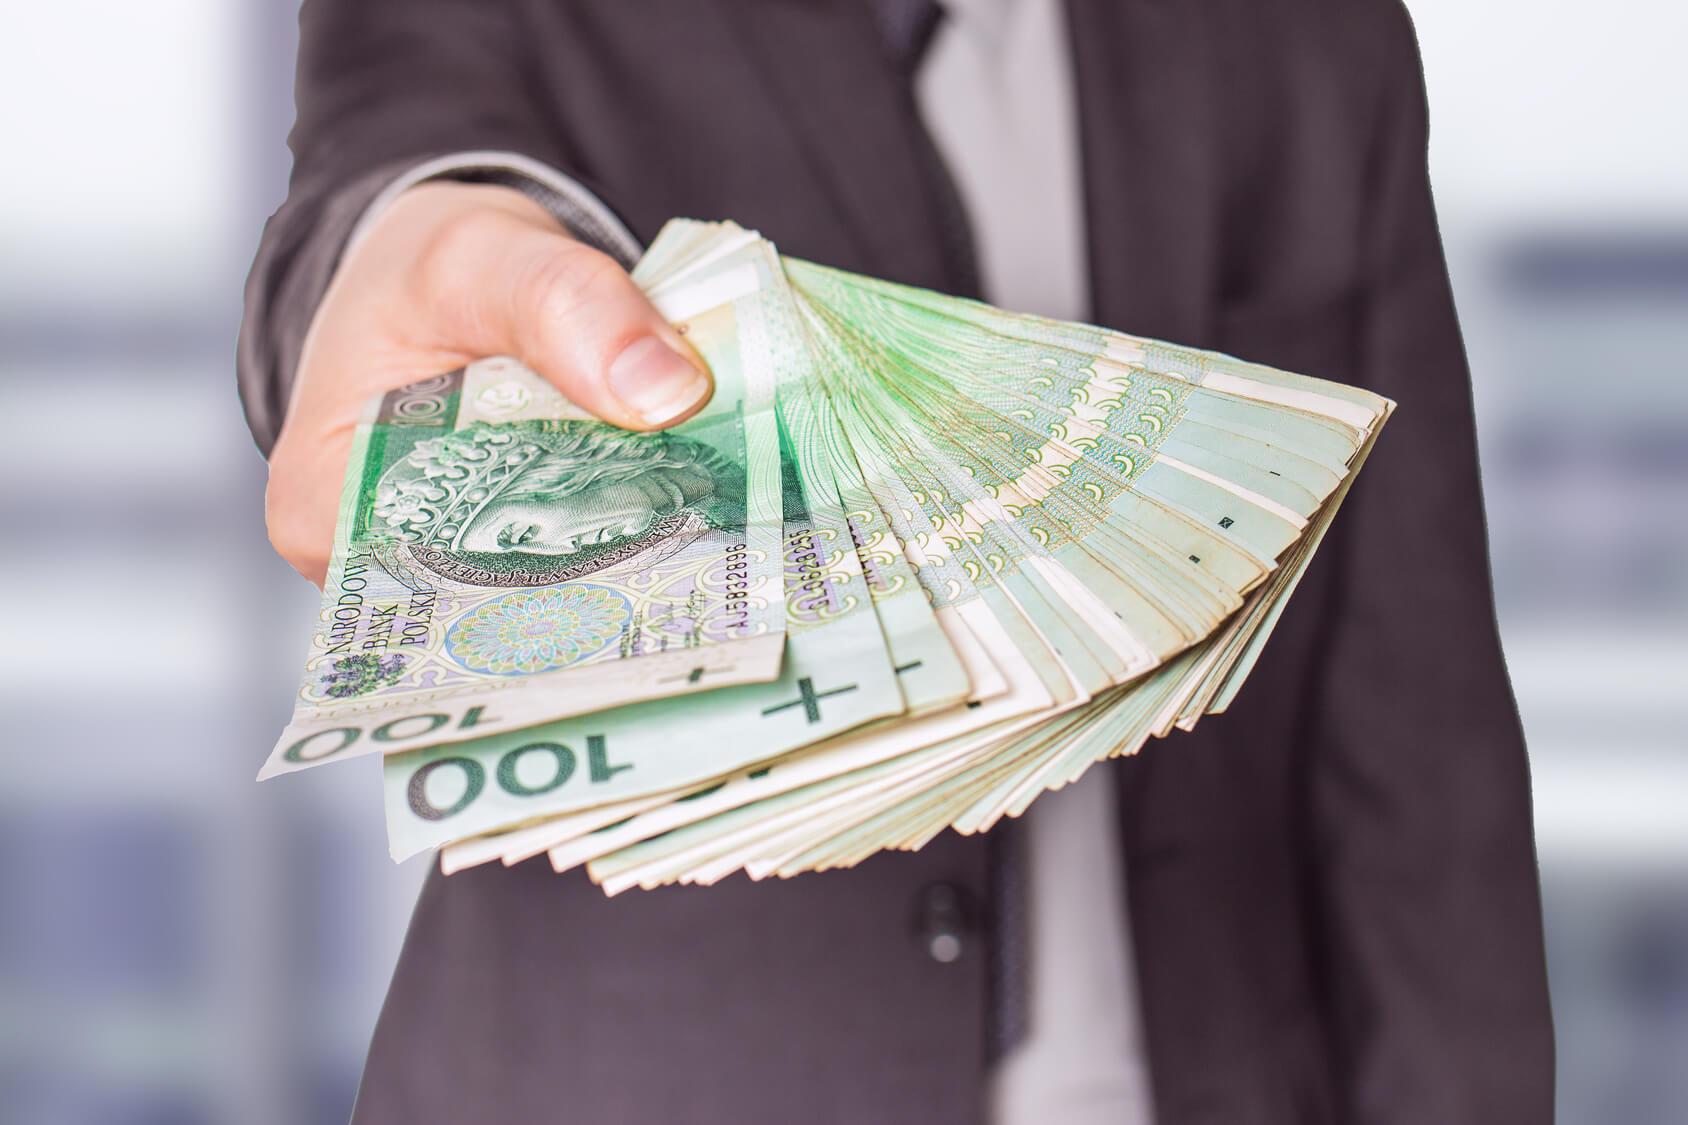 Umowa, na podstawie której pożyczkodawca udostępnia na określony czas pożyczkobiorcy określoną sumę środków pieniężnych, zaś pożyczkobiorca zobowiązuje się w umówionym terminie zwrócić pożyczoną sumę środków pieniężnych, oraz (zazwyczaj) wynagrodzenie (opłatę, odsetki) dla pożyczkodawcy z tytułu ich udostępnienia.Umowa o pożyczkę gotówkową powinna być zawarta w formie pisemnej, o ile przepisy prawa nie stanowią inaczej. Jej treść została przez ustawodawcę określona w Rozdziale 3 ustawy o kredycie konsumenckimw celu zapewnienia jak najwyższego stopnia ochrony prawnej konsumentowi jako podmiotowi nieprofesjonalnemu.